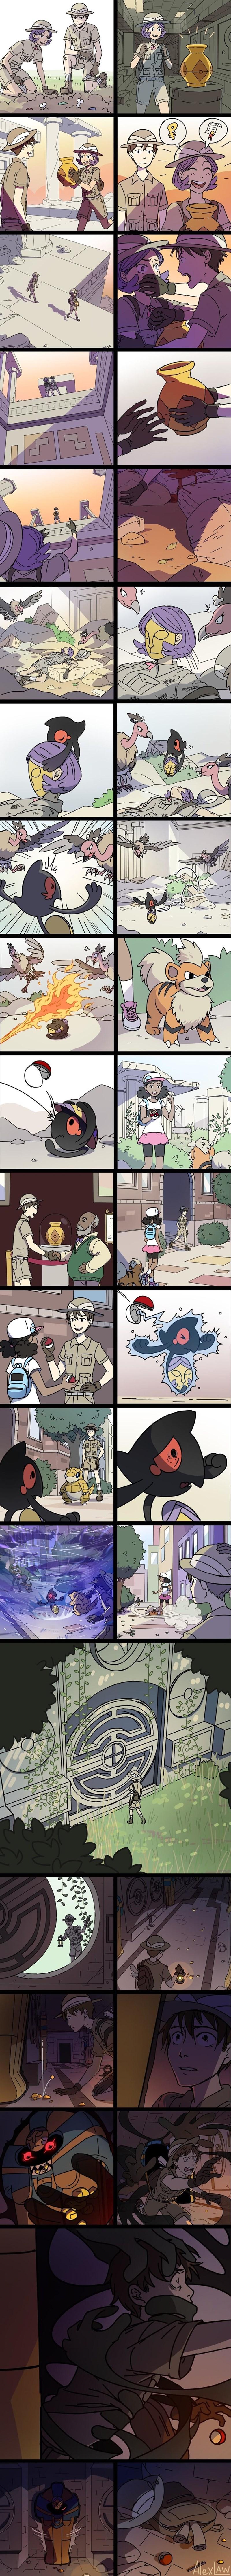 una historia de pokemon en el antiguo egipto